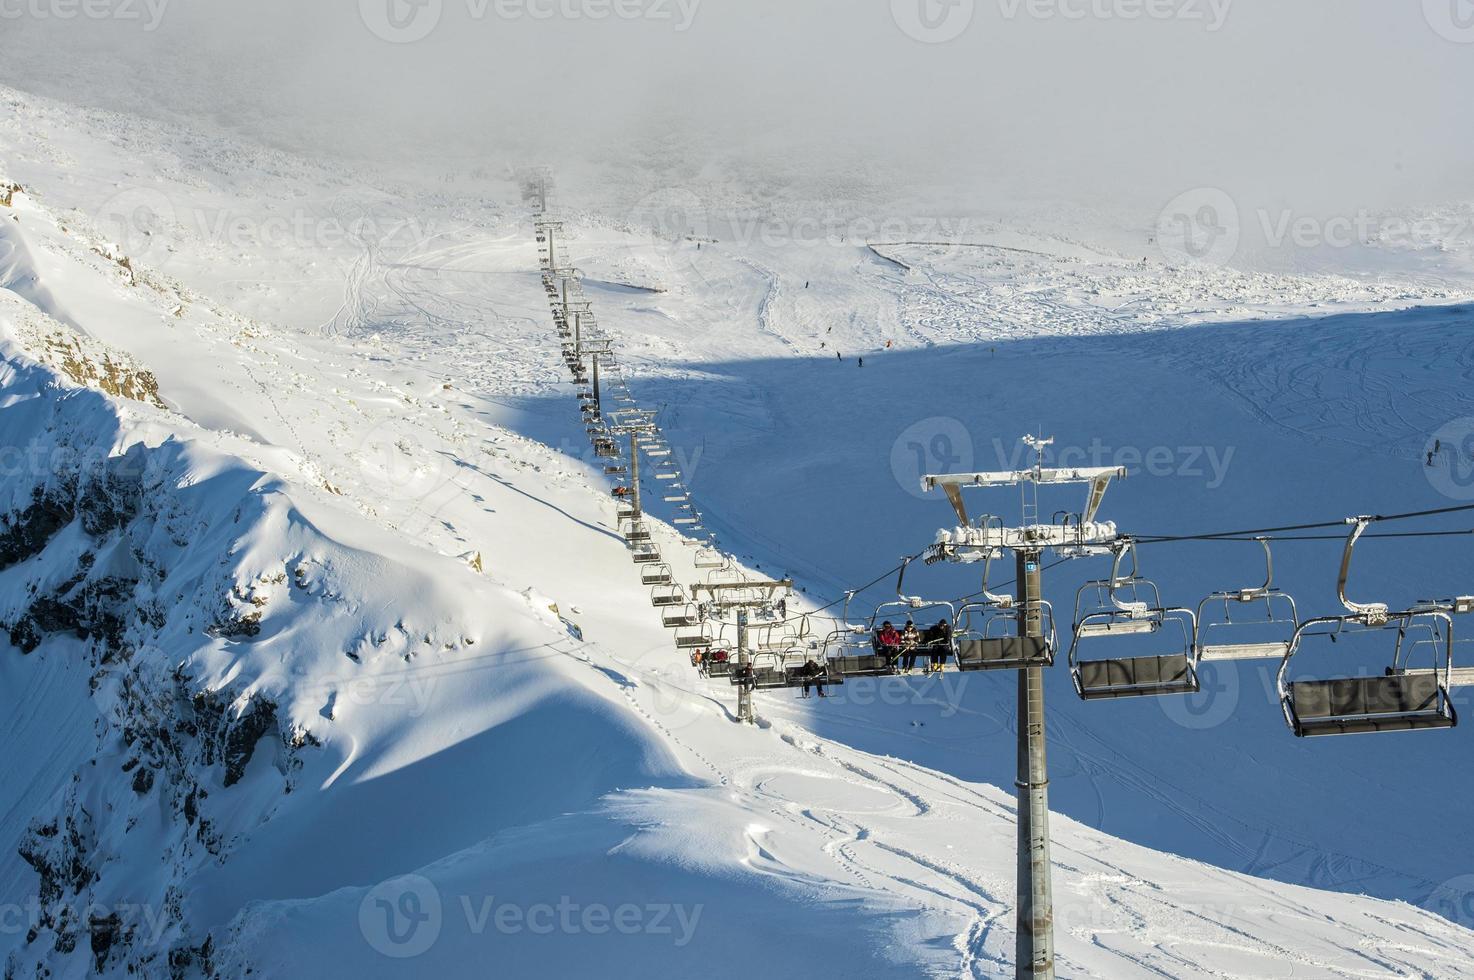 montanhas com neve no inverno, foto